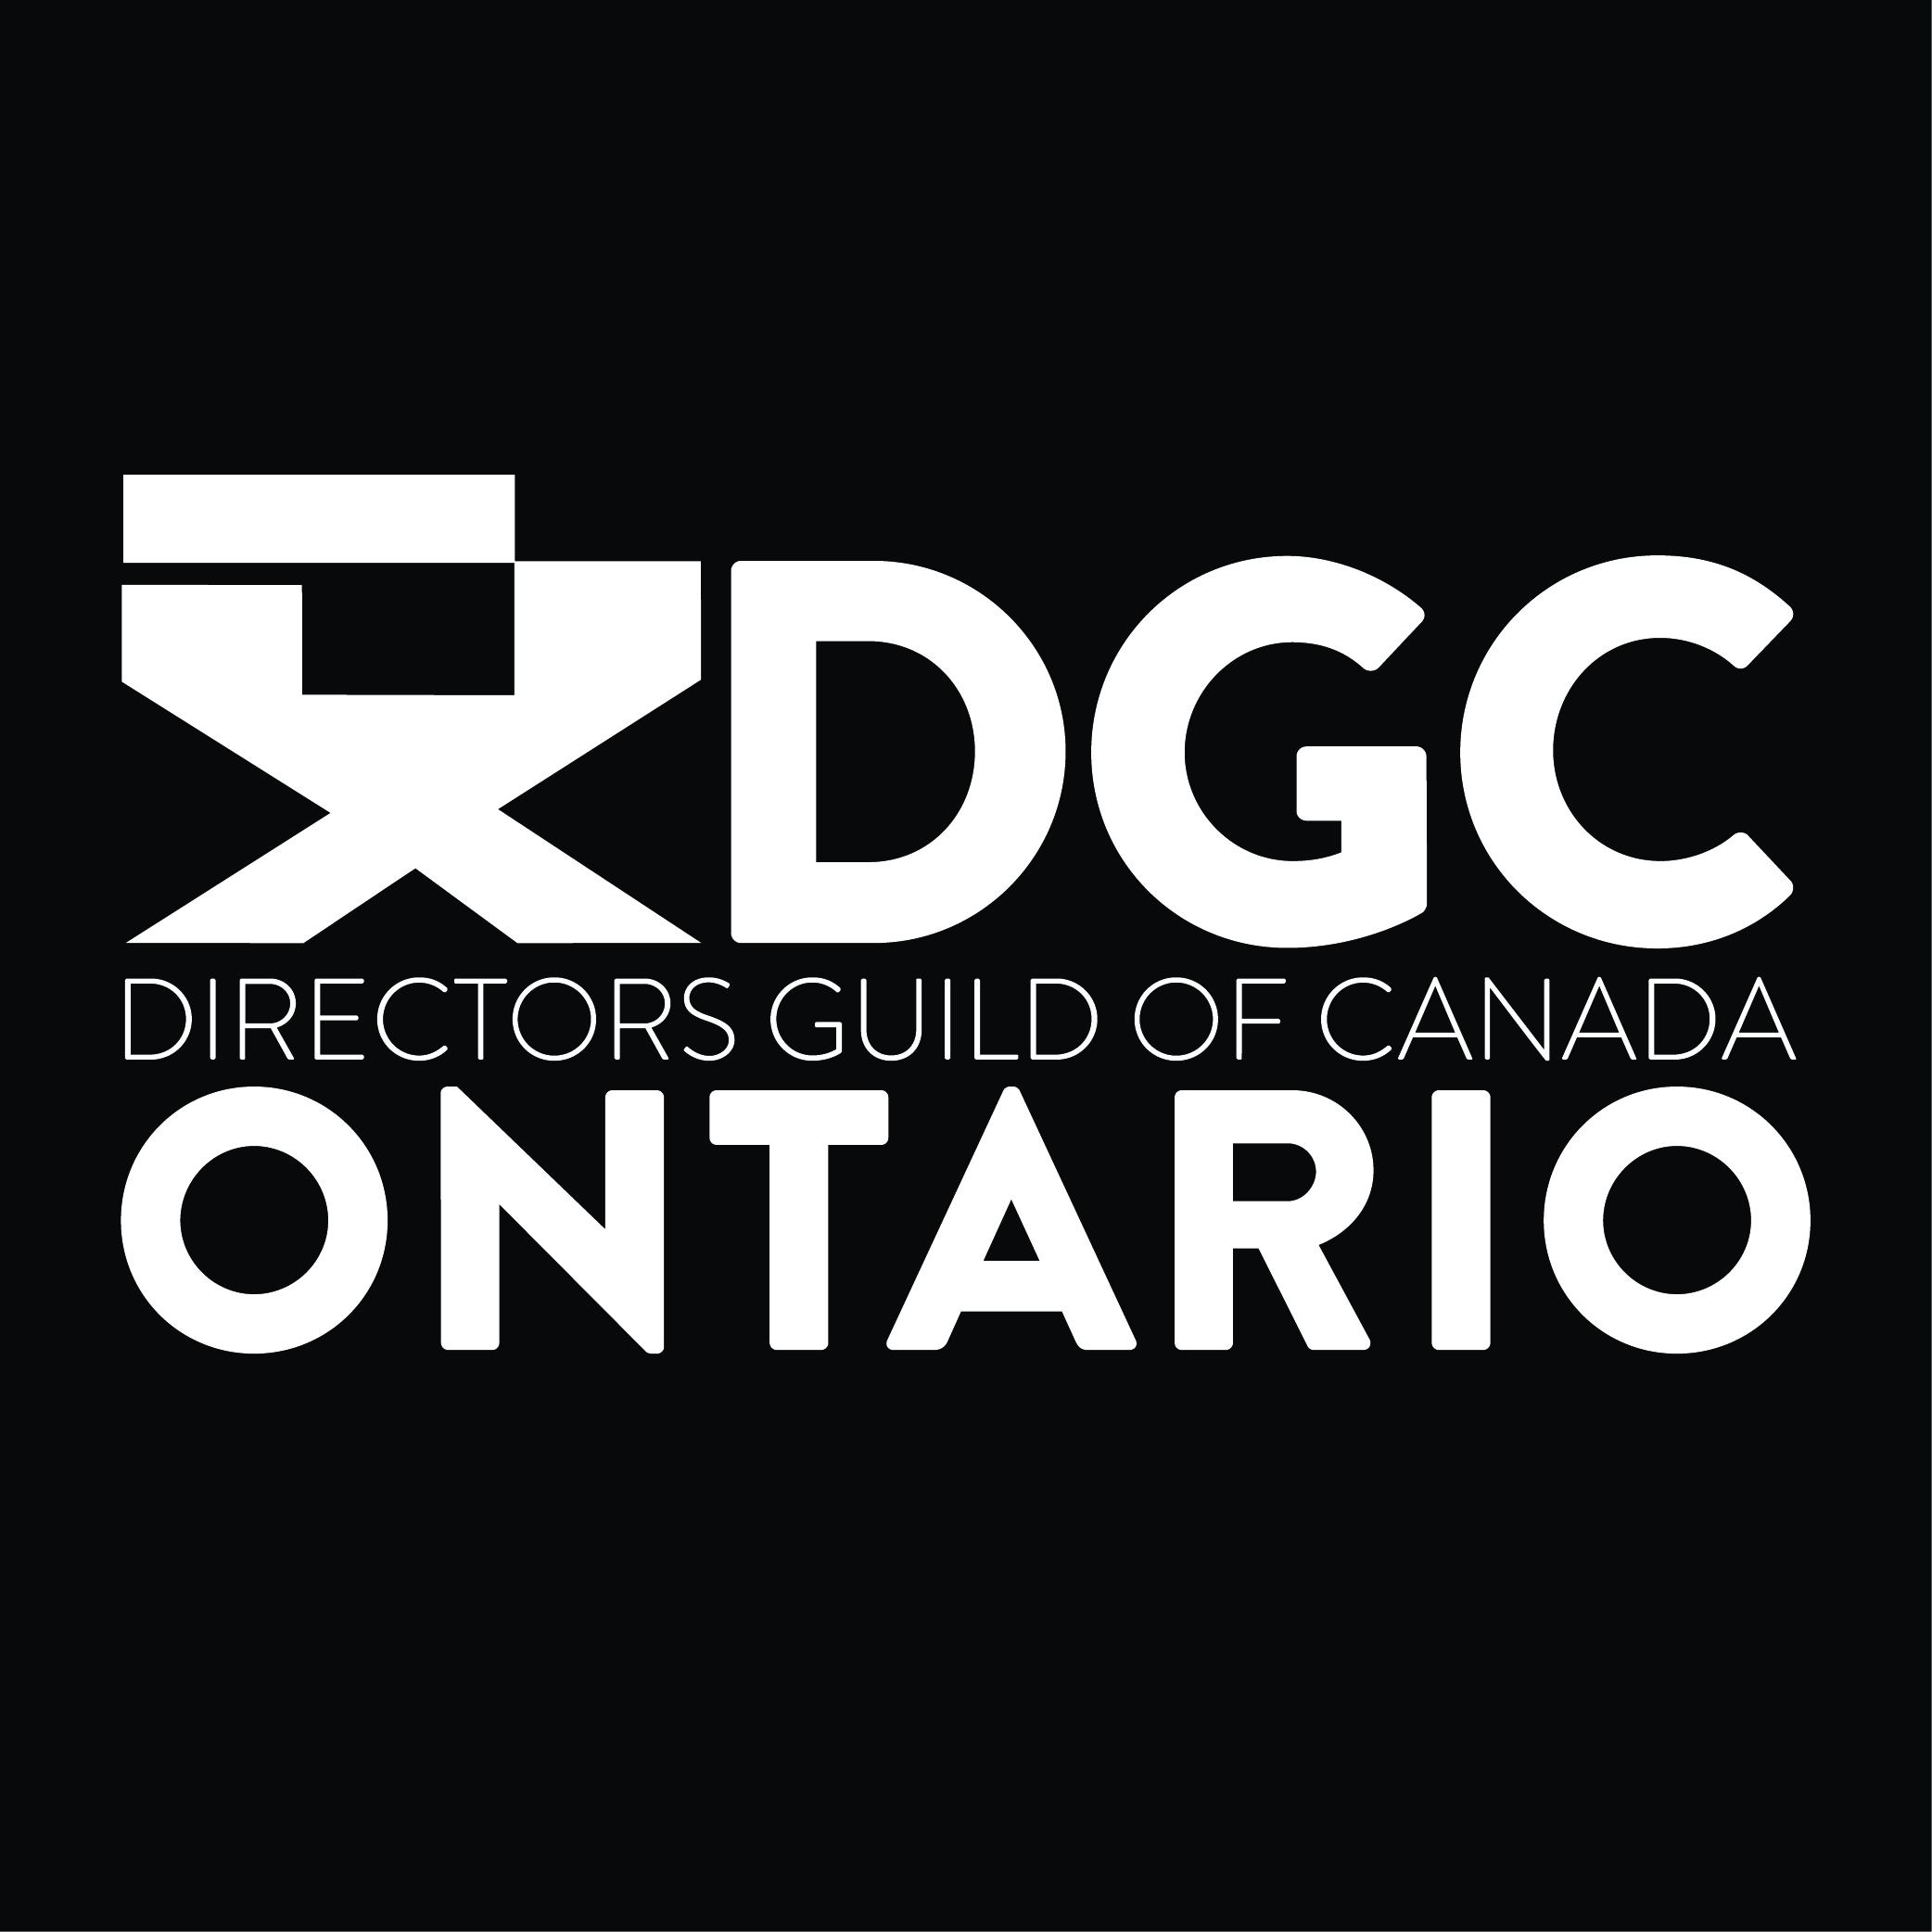 Directors Guild of Canada - Ontario